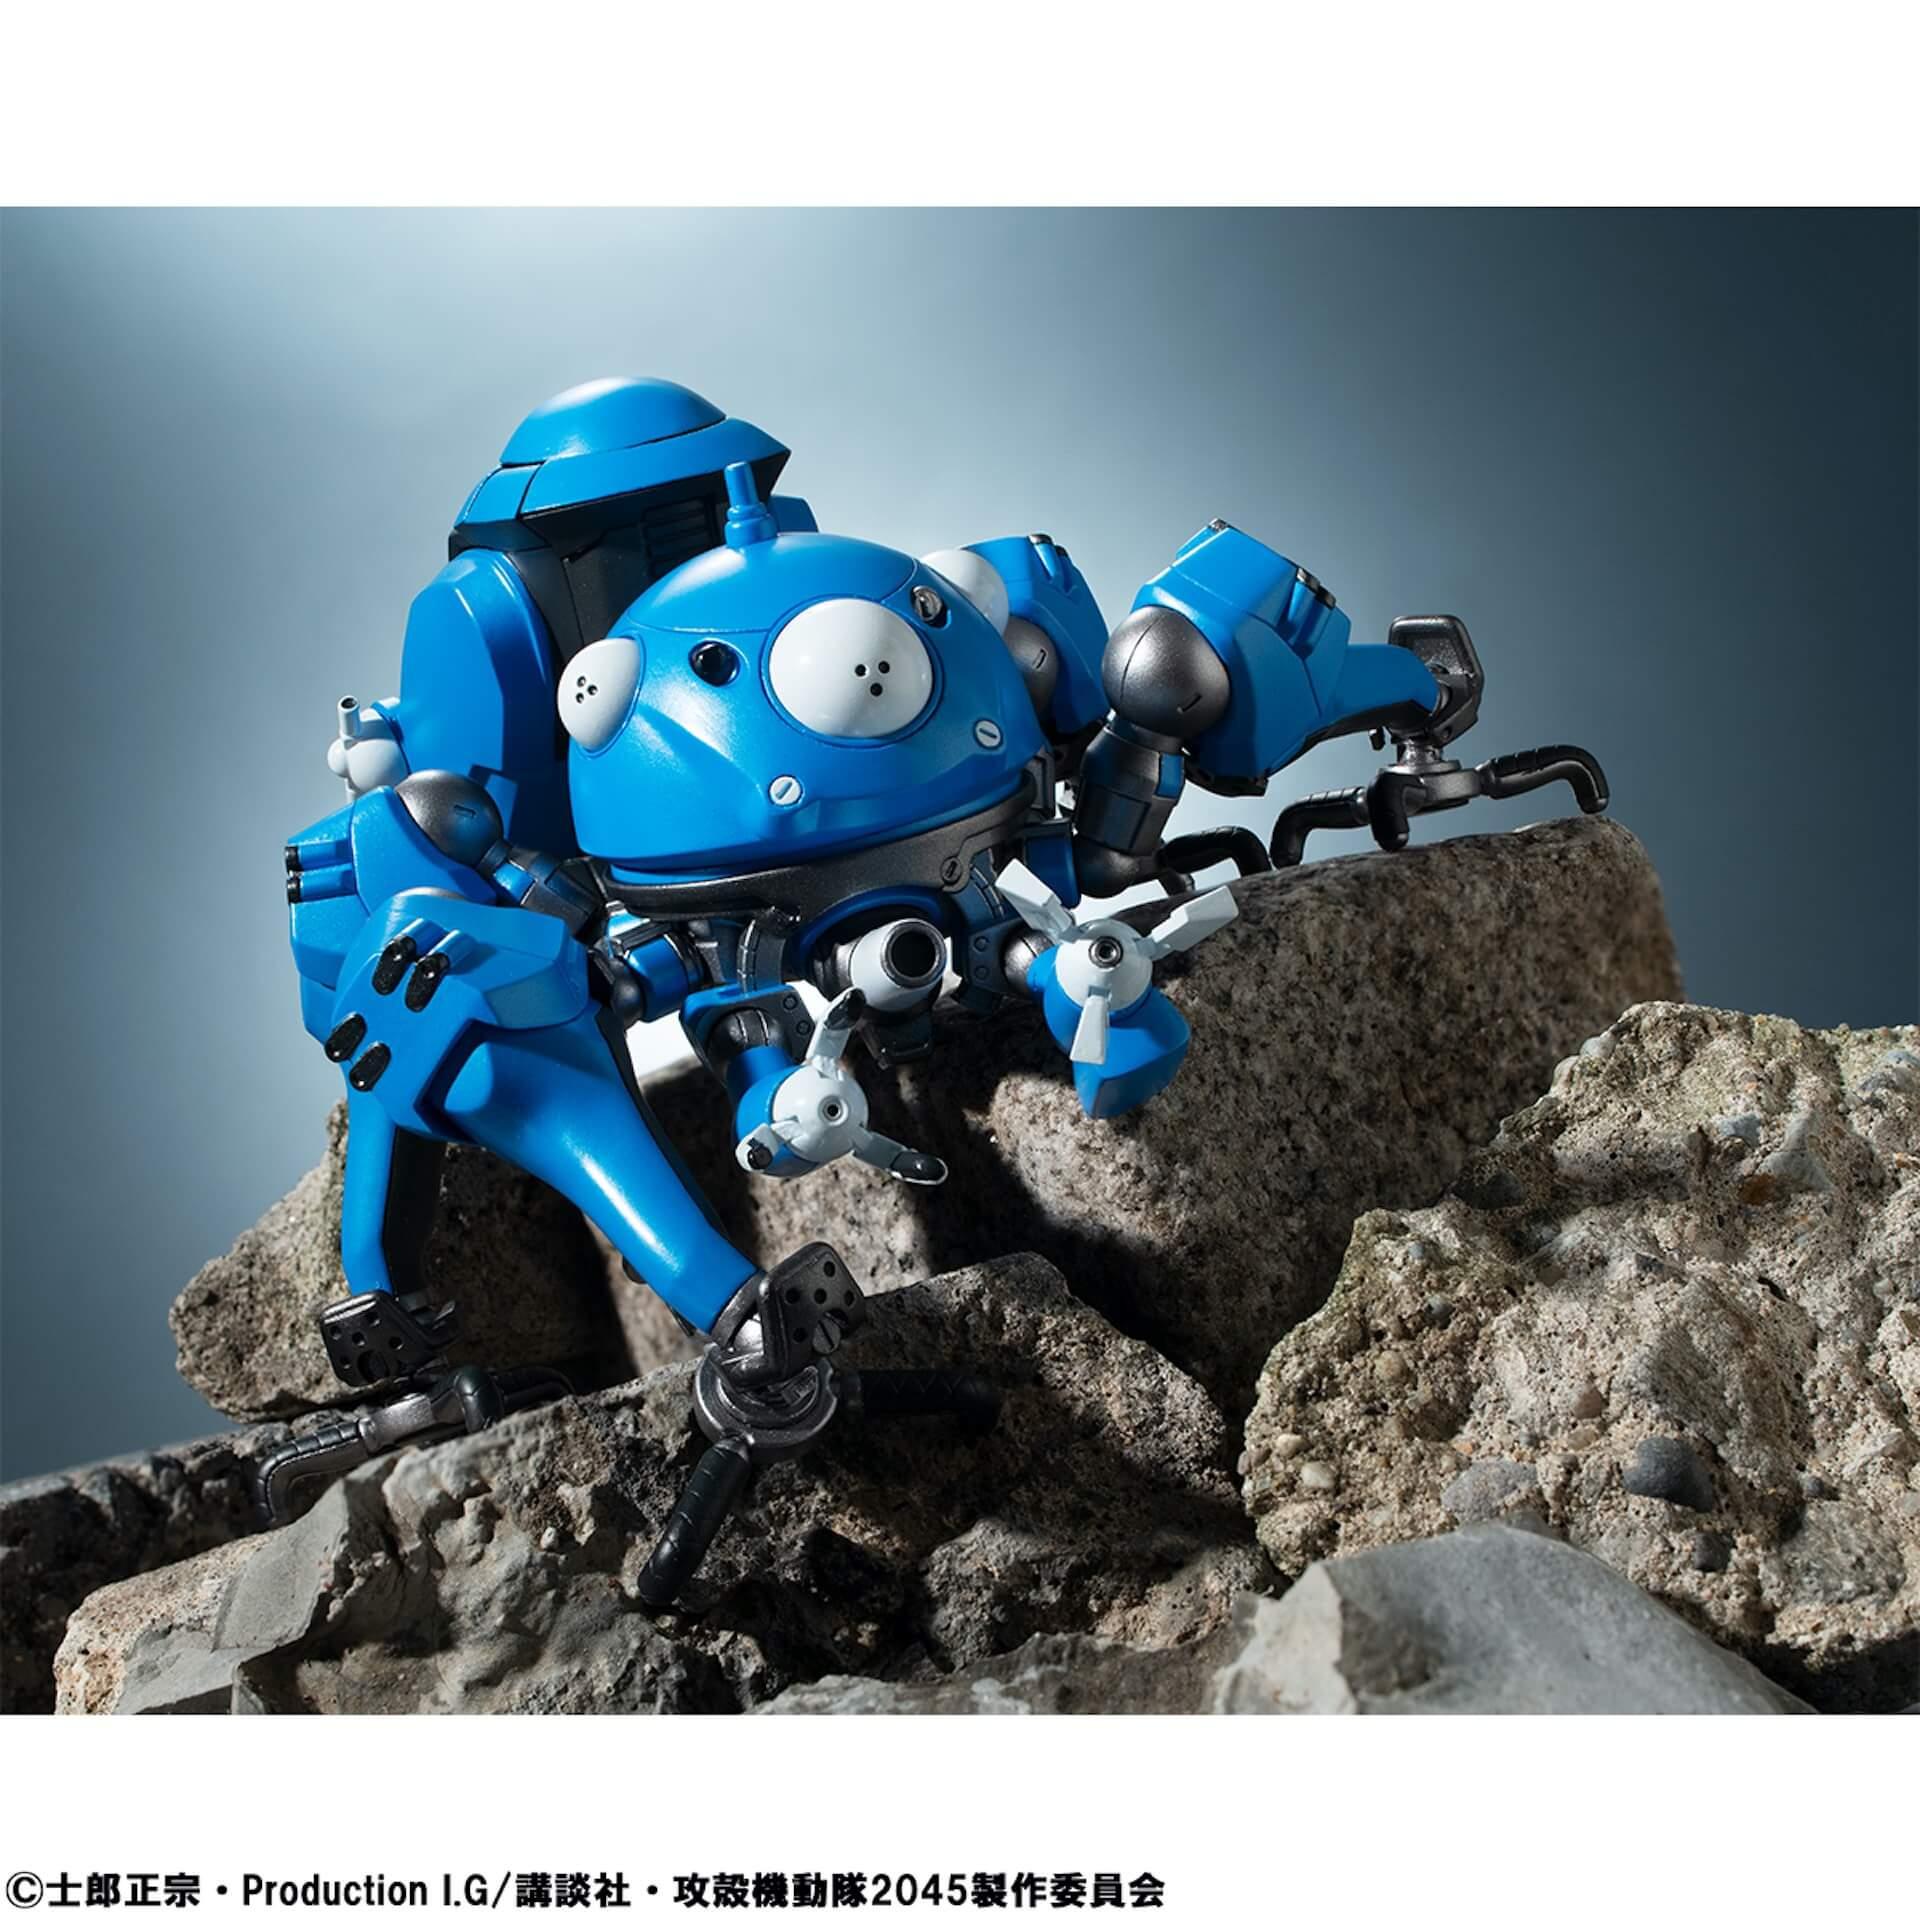 豊富なギミックありの『攻殻機動隊 SAC_2045』タチコマフィギュアがメガハウスから登場!背面ポッドに少佐が搭乗可能 ac200701_tachikoma_figure_08